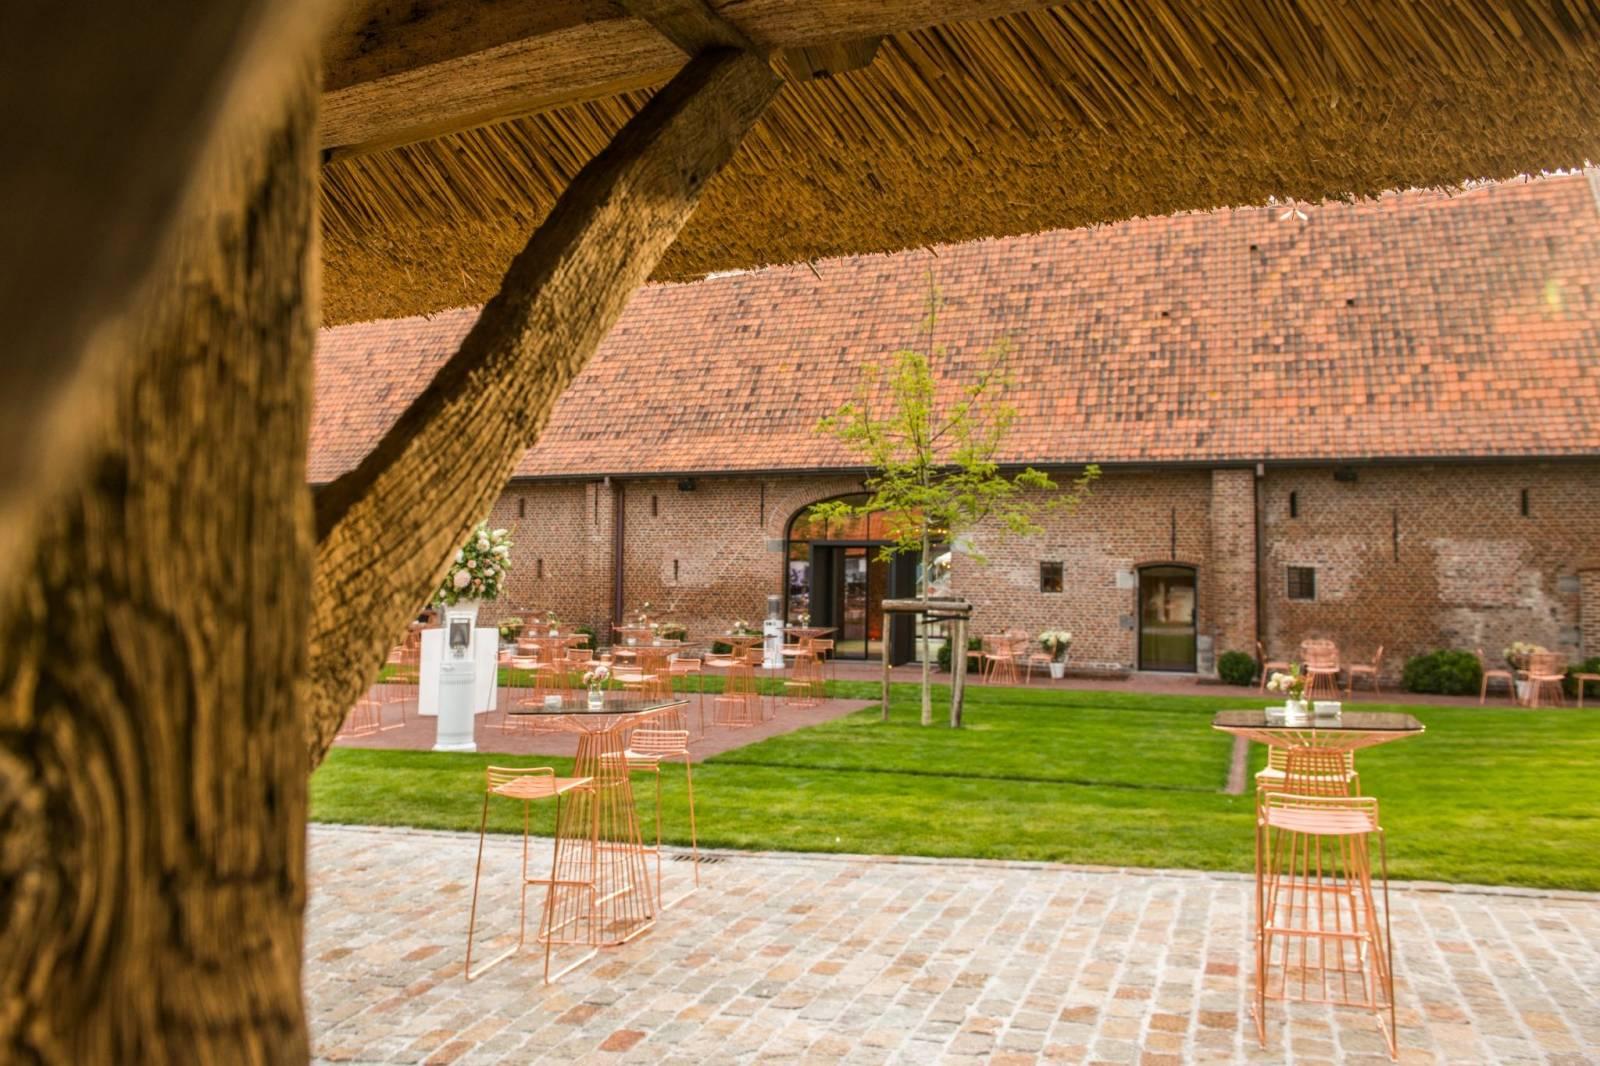 Hoeve de Blauwpoorte - Feestzaal - Feestlocatie - Hoeve - Kortrijk (West-Vlaanderen) - House of Events - 9